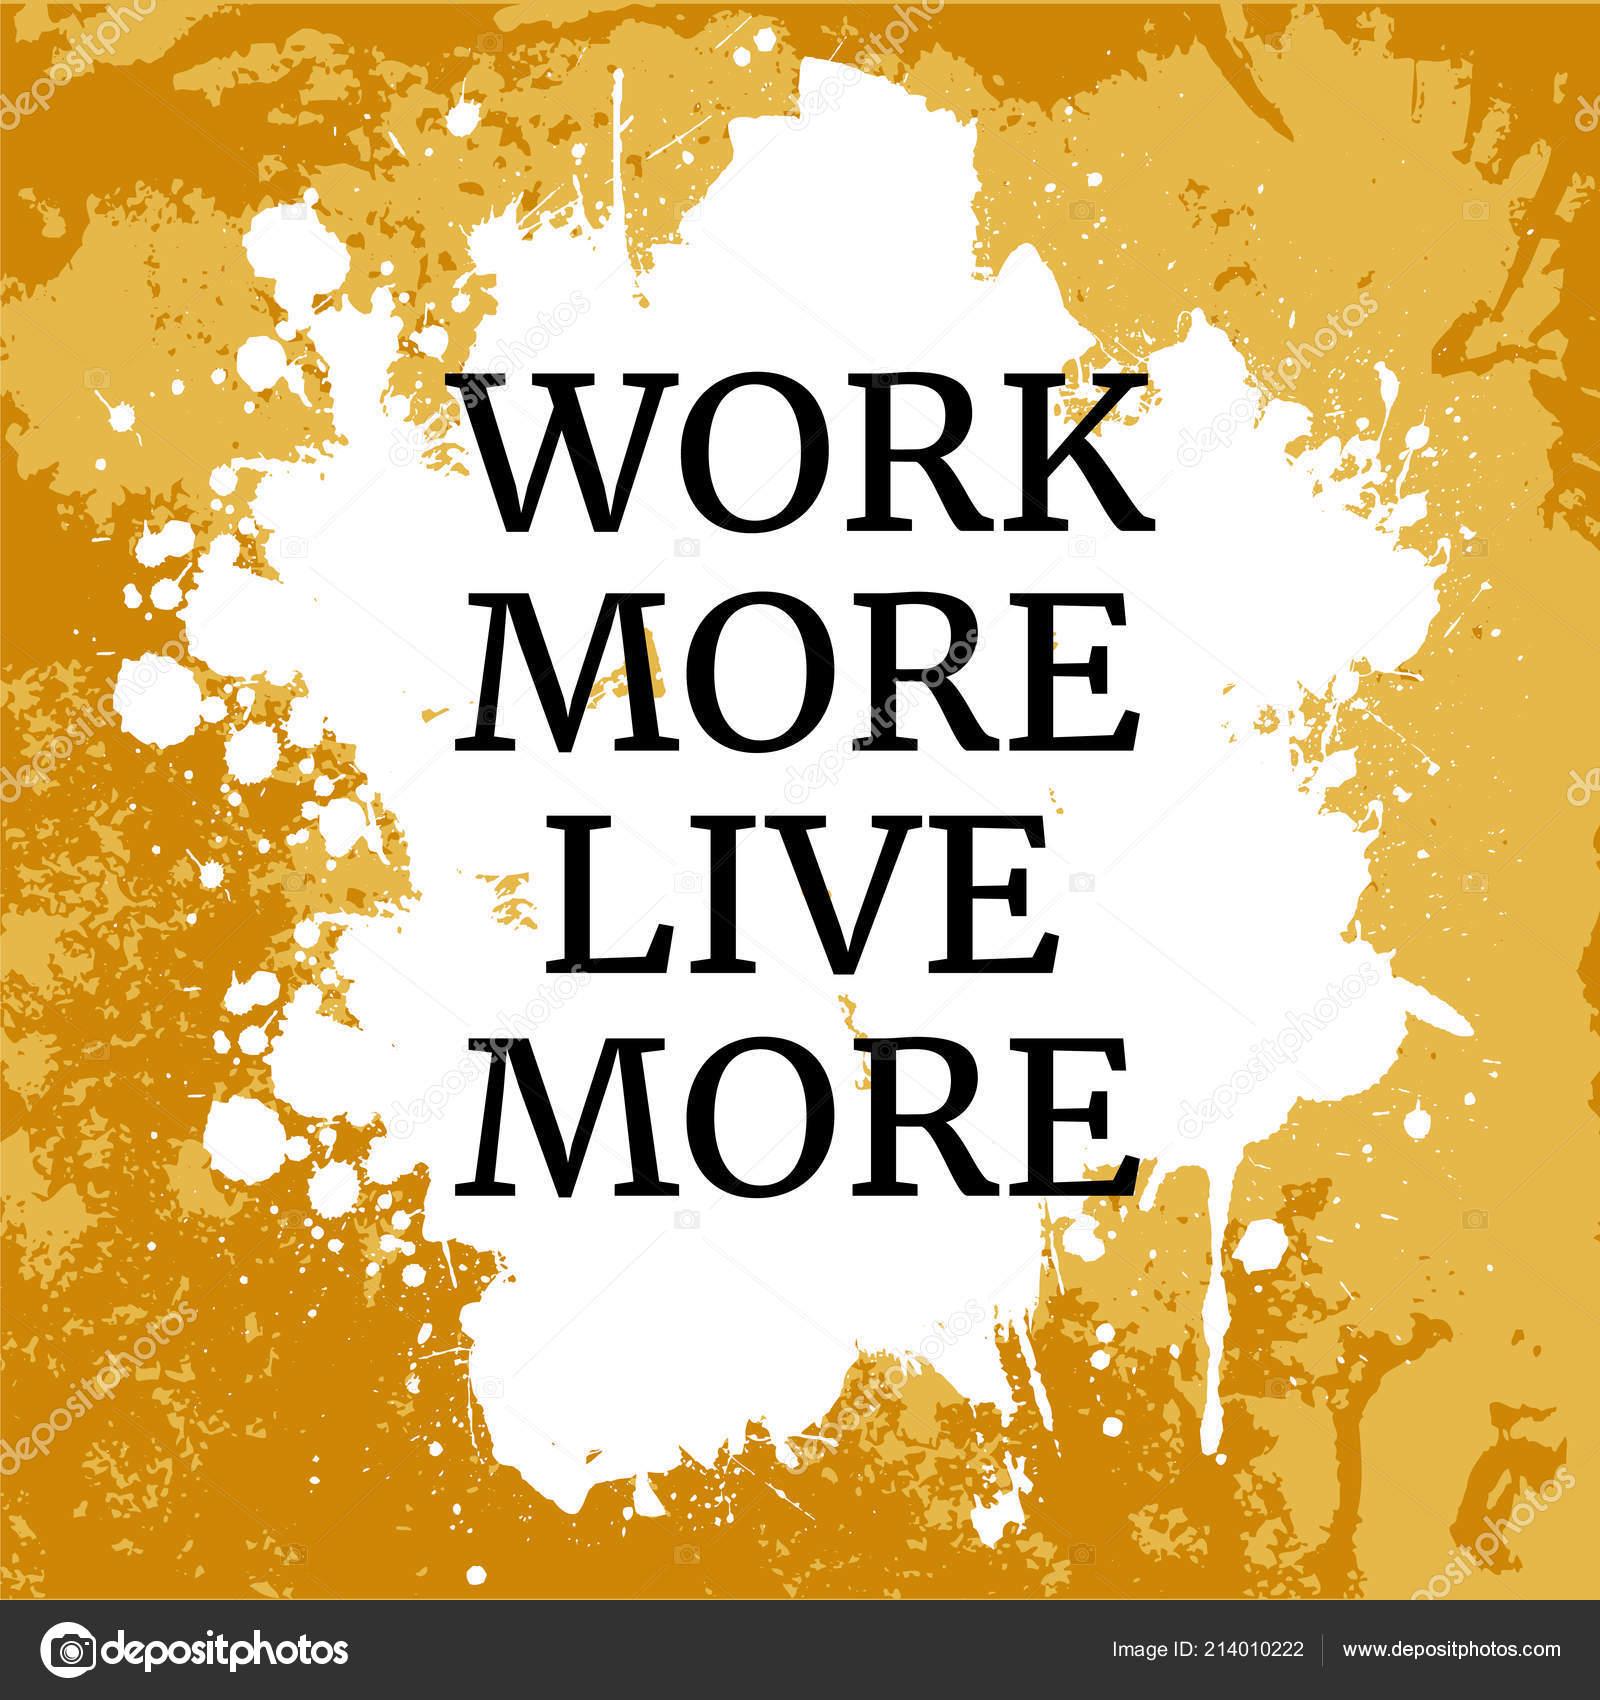 Citações Motivacionais Trabalho Mais Viver Mais Fundo